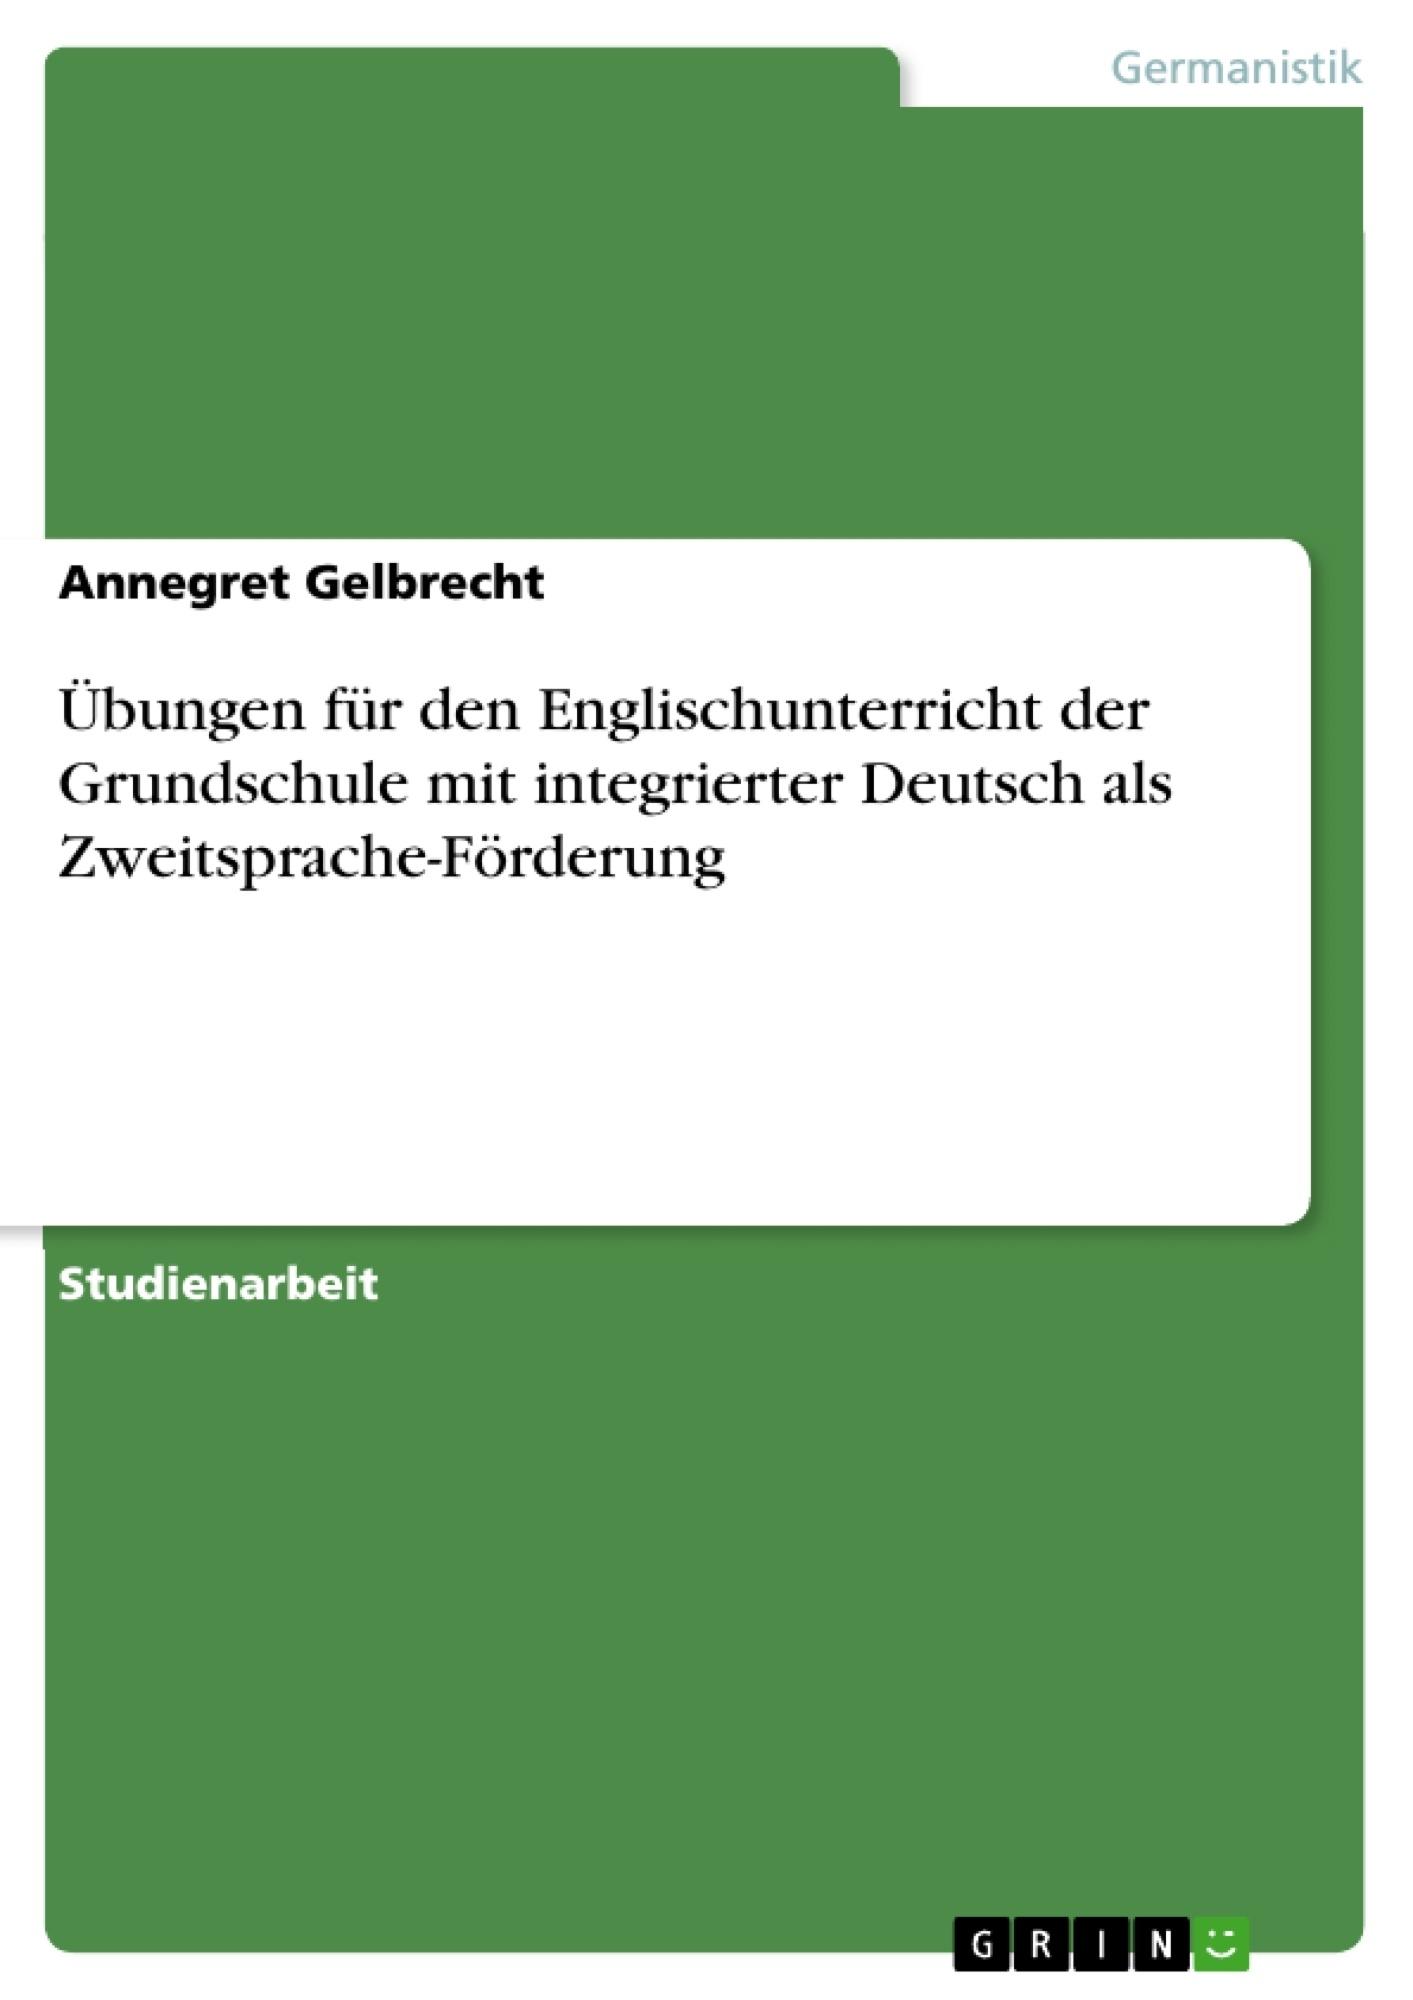 Titel: Übungen für den Englischunterricht der Grundschule mit integrierter Deutsch als Zweitsprache-Förderung